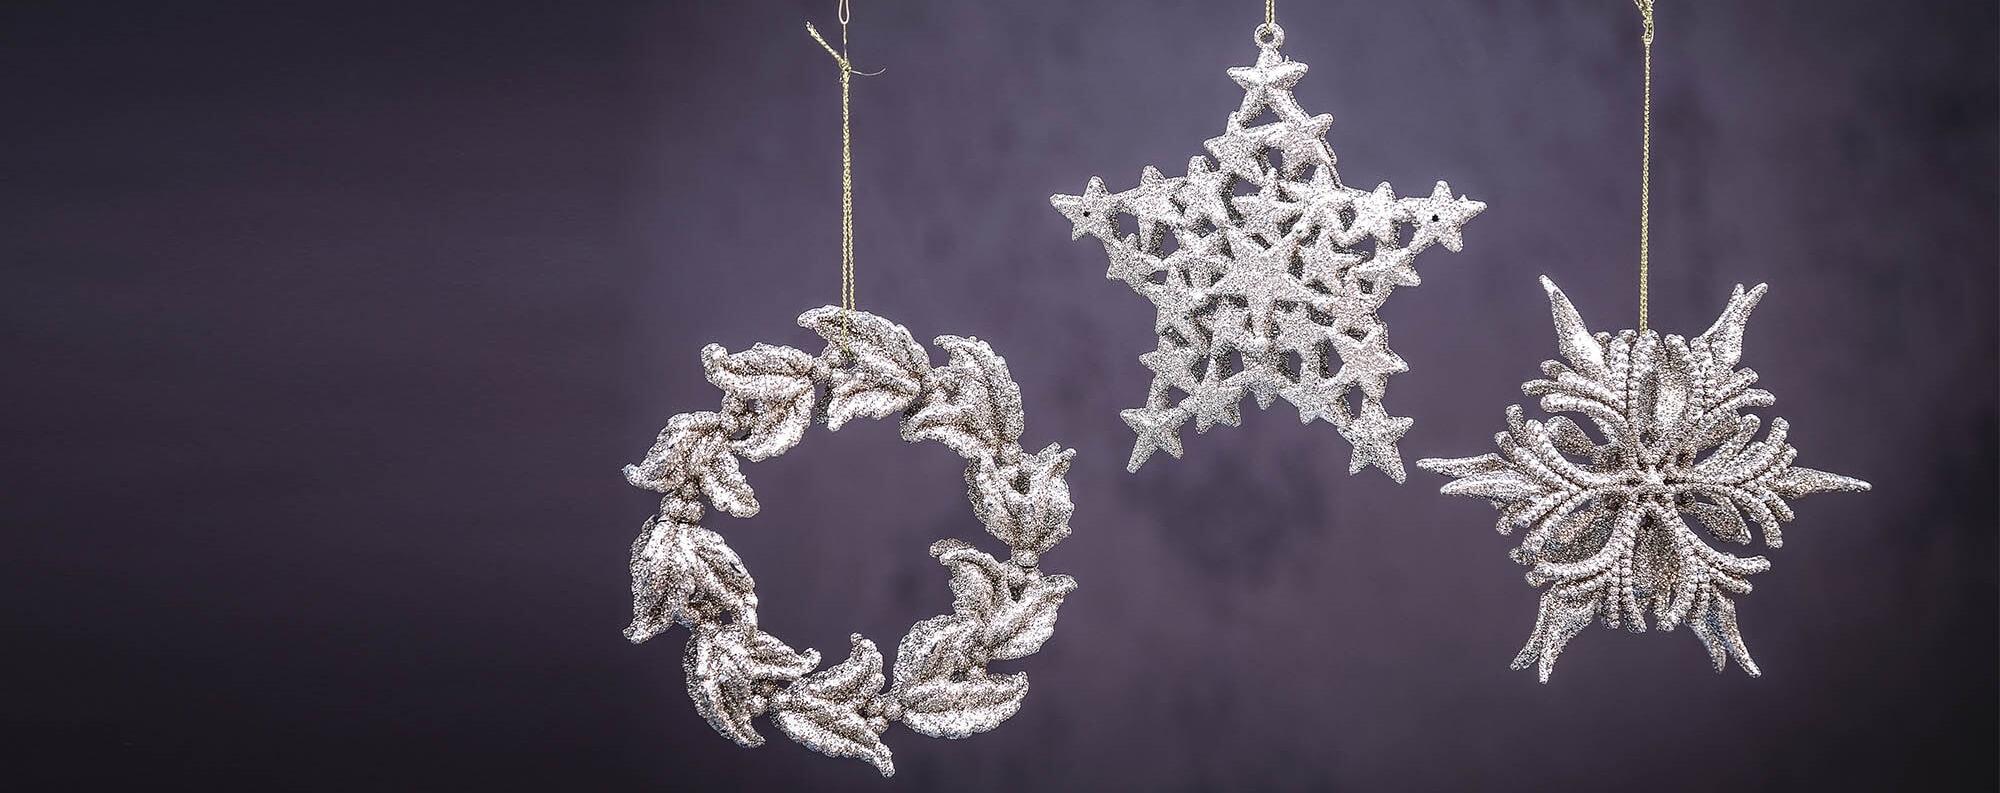 estrelas decorativas laskasas